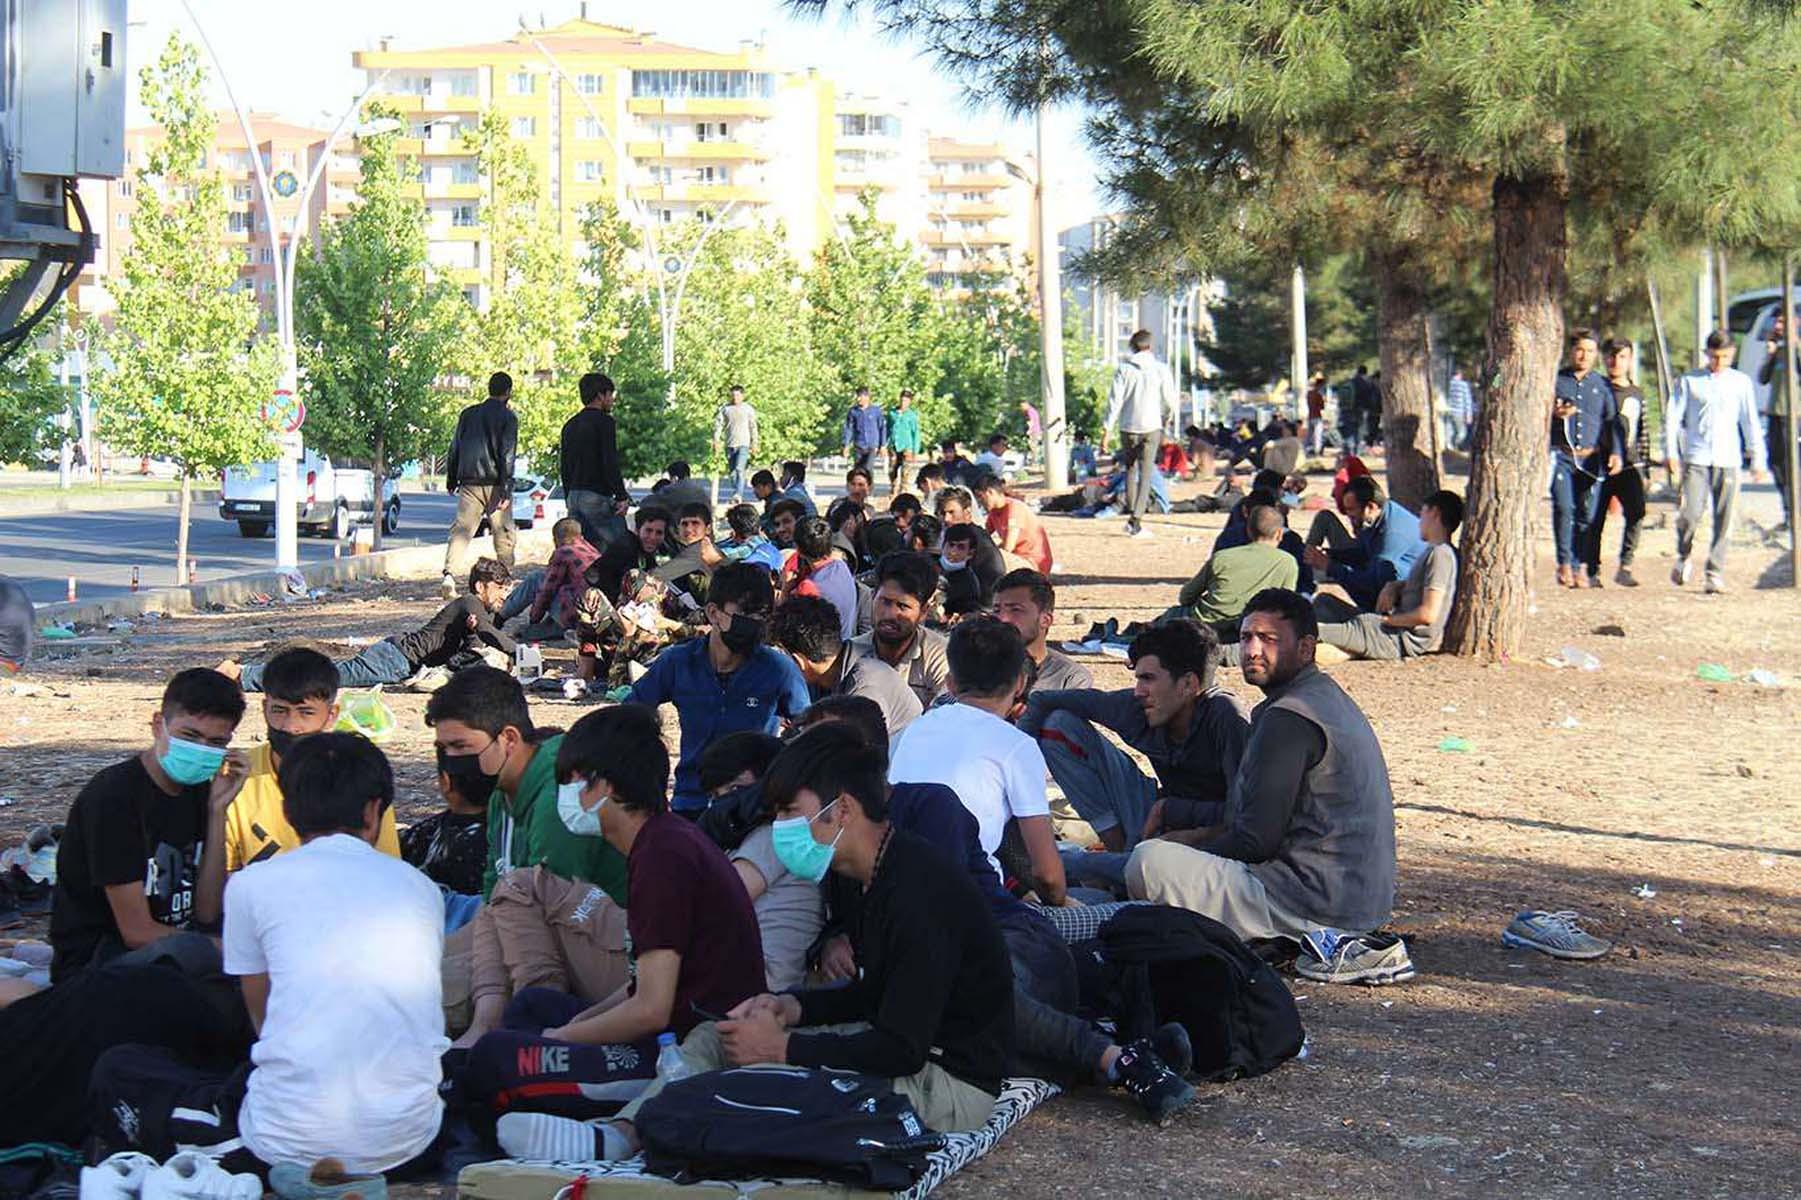 Afganlılar Türkiye'de kalmak için her yolu deniyor! İntihara kalkışıyorlar, sabun yiyip içiyorlar